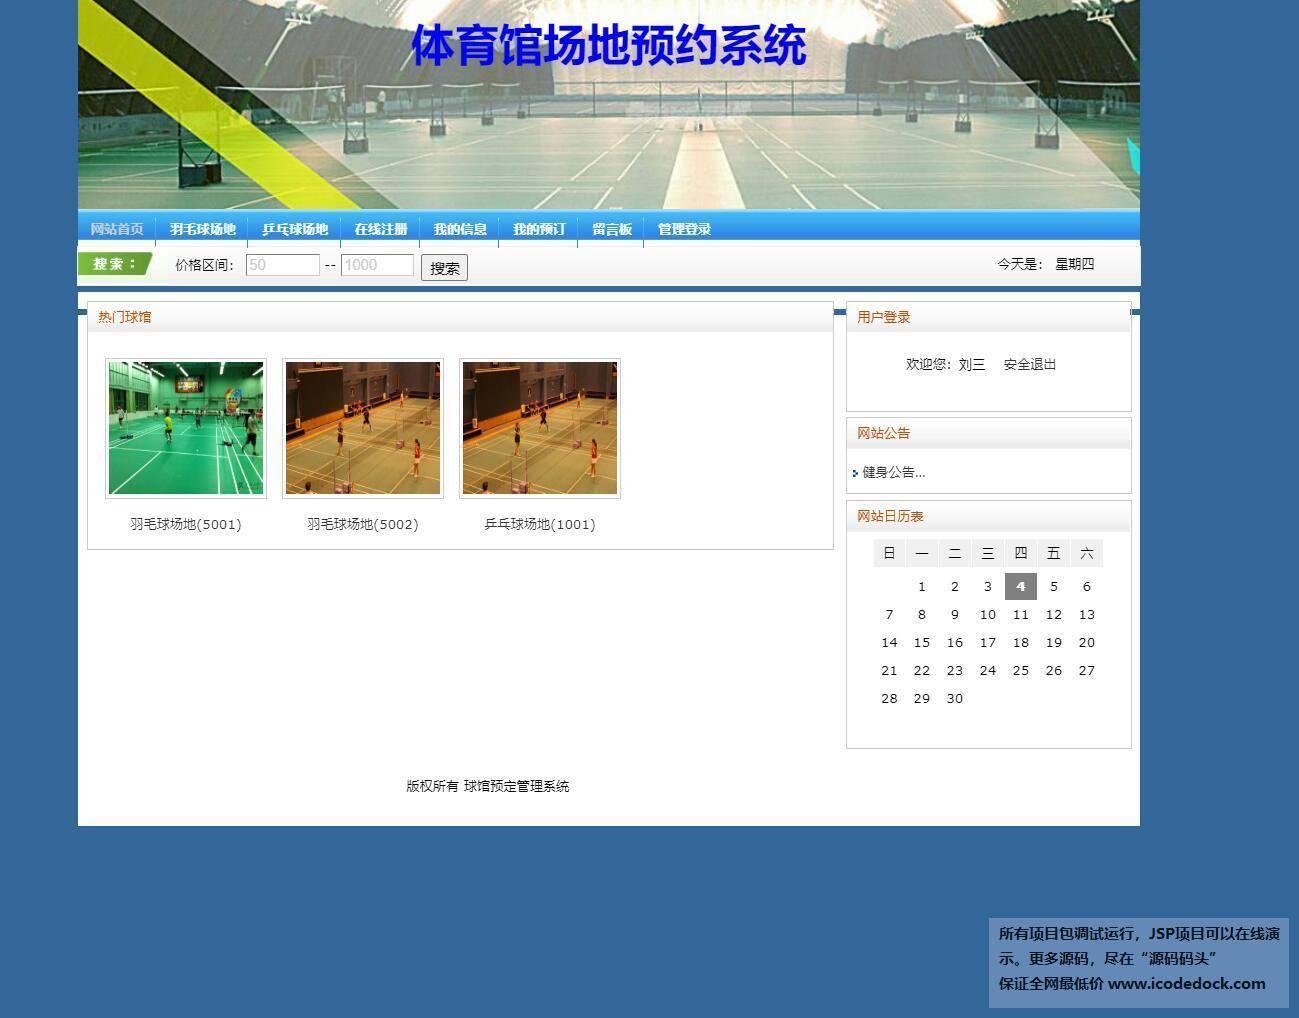 源码码头-SSH高校球场体育场预定管理系统-用户首页-用户首页